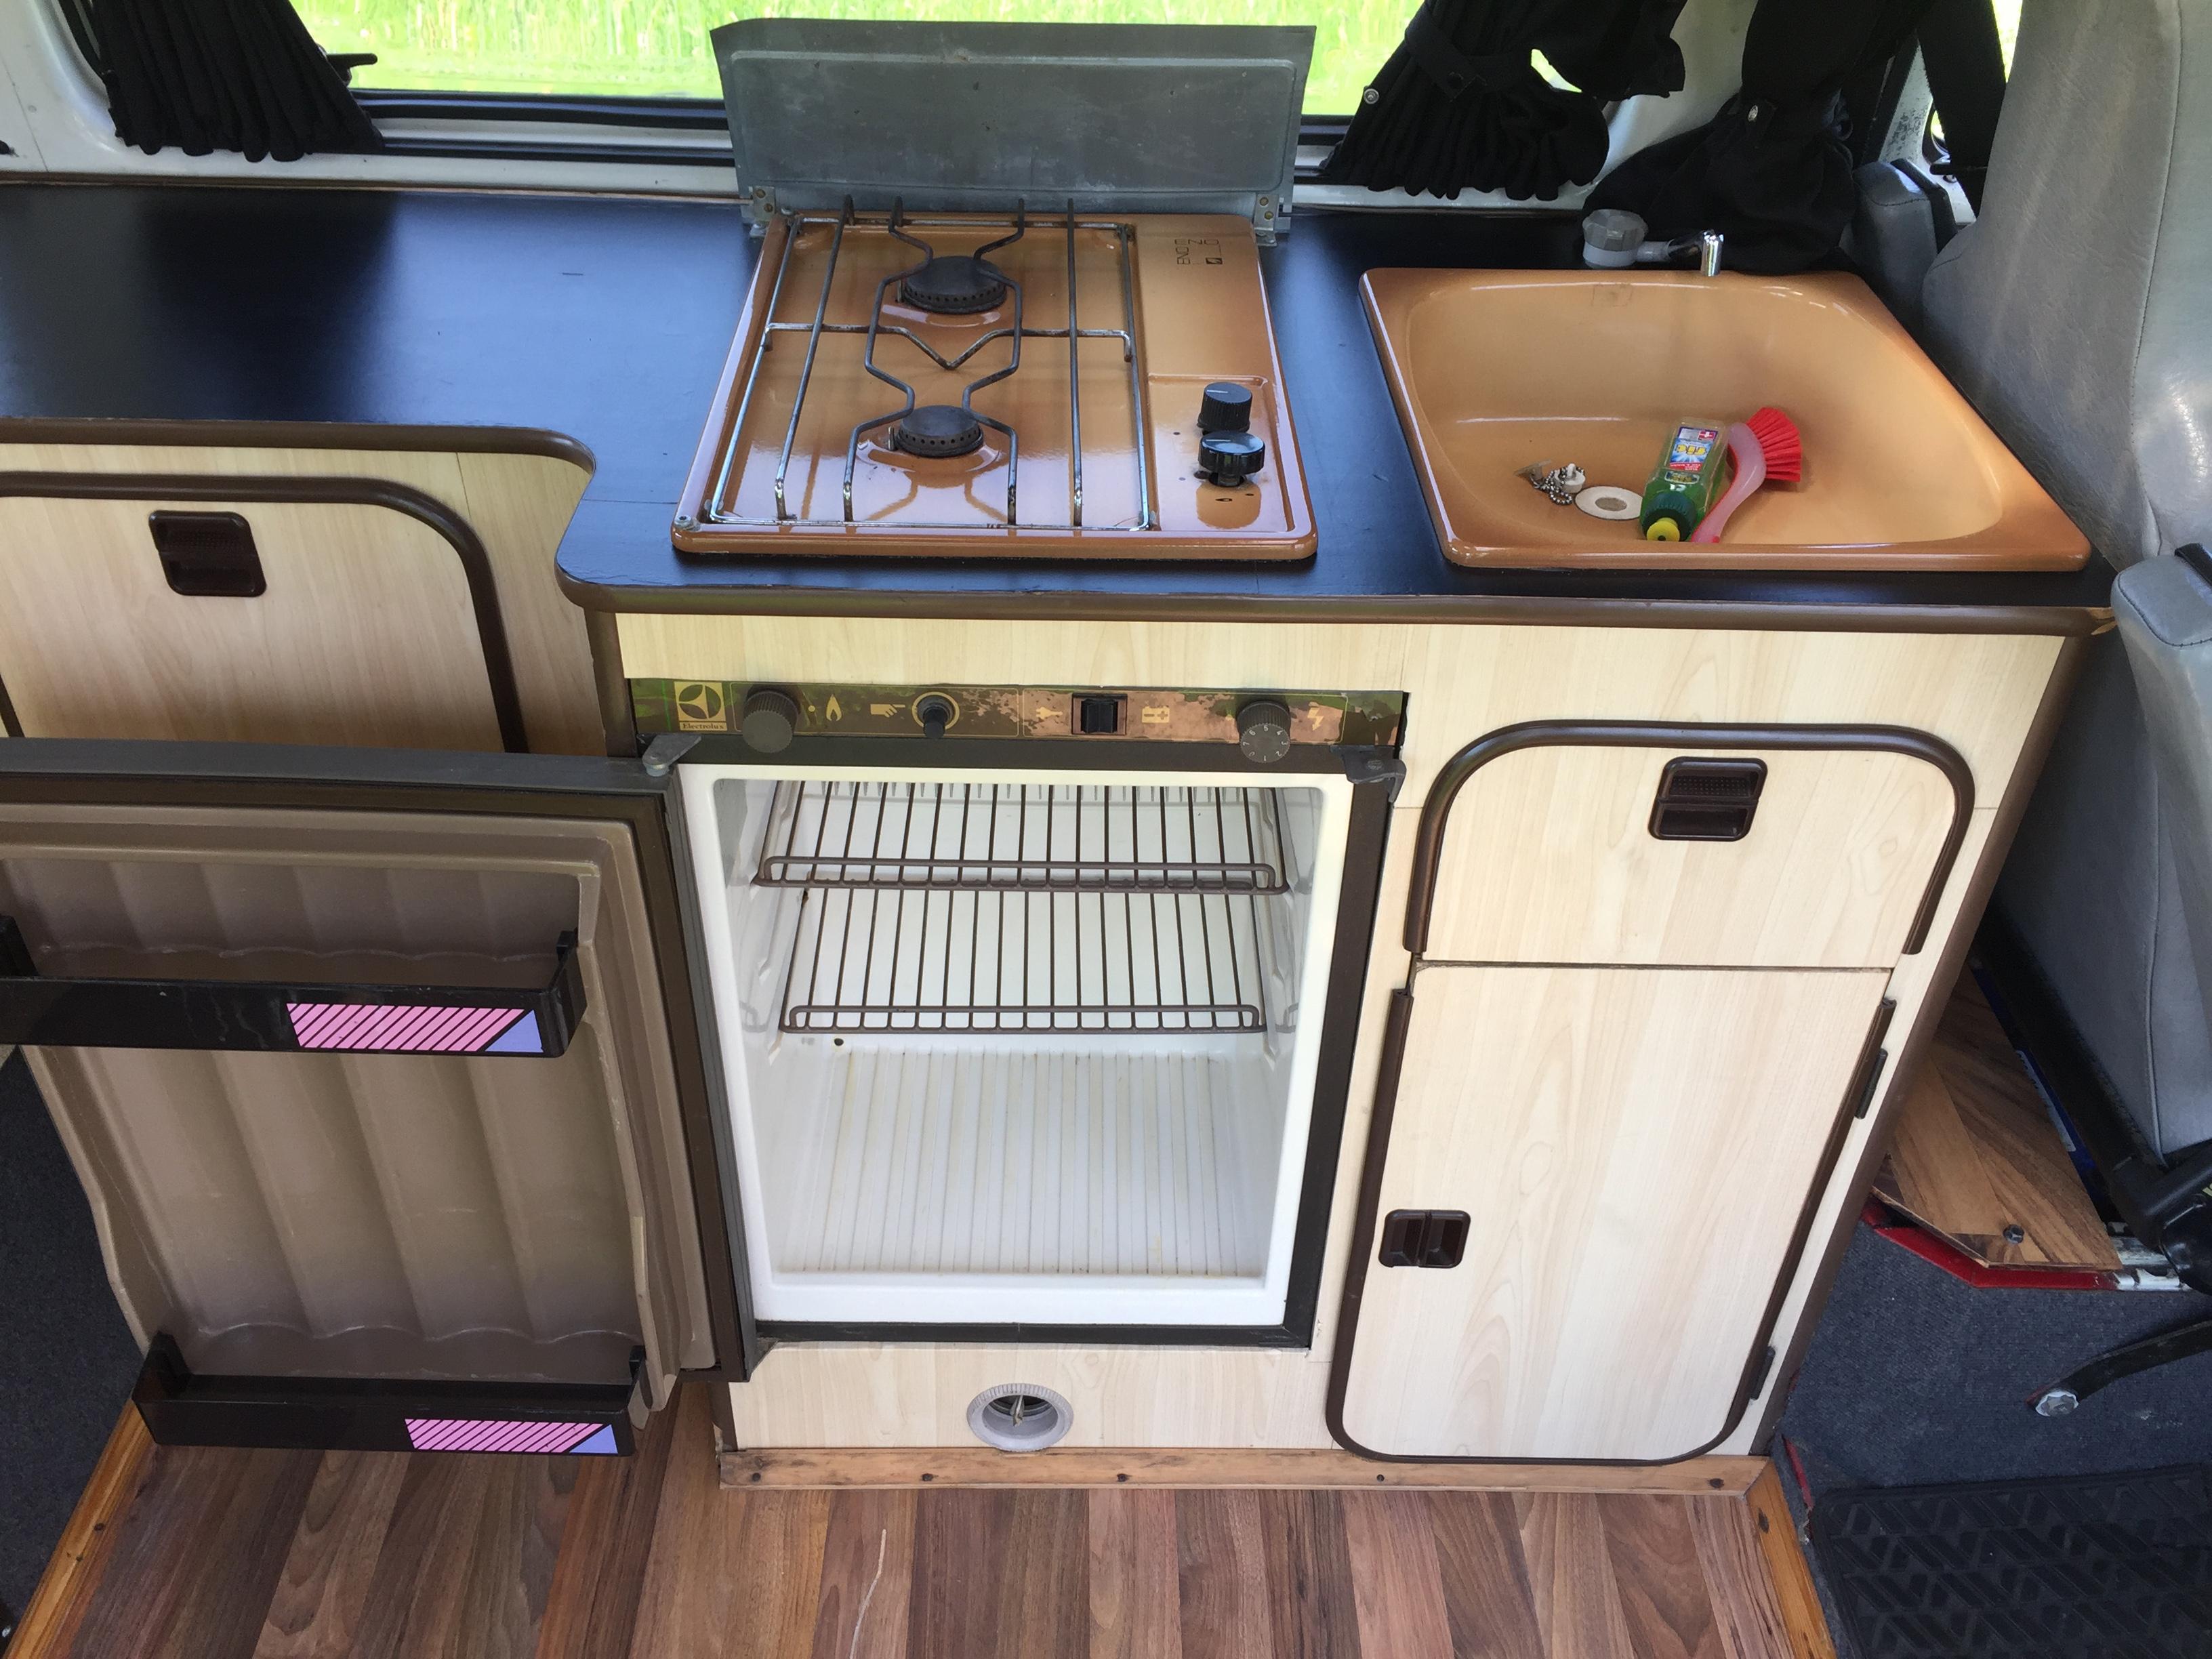 VW-T3-camper-mieten-rostock-urlaub-ostsee-schweden-norwegen-7